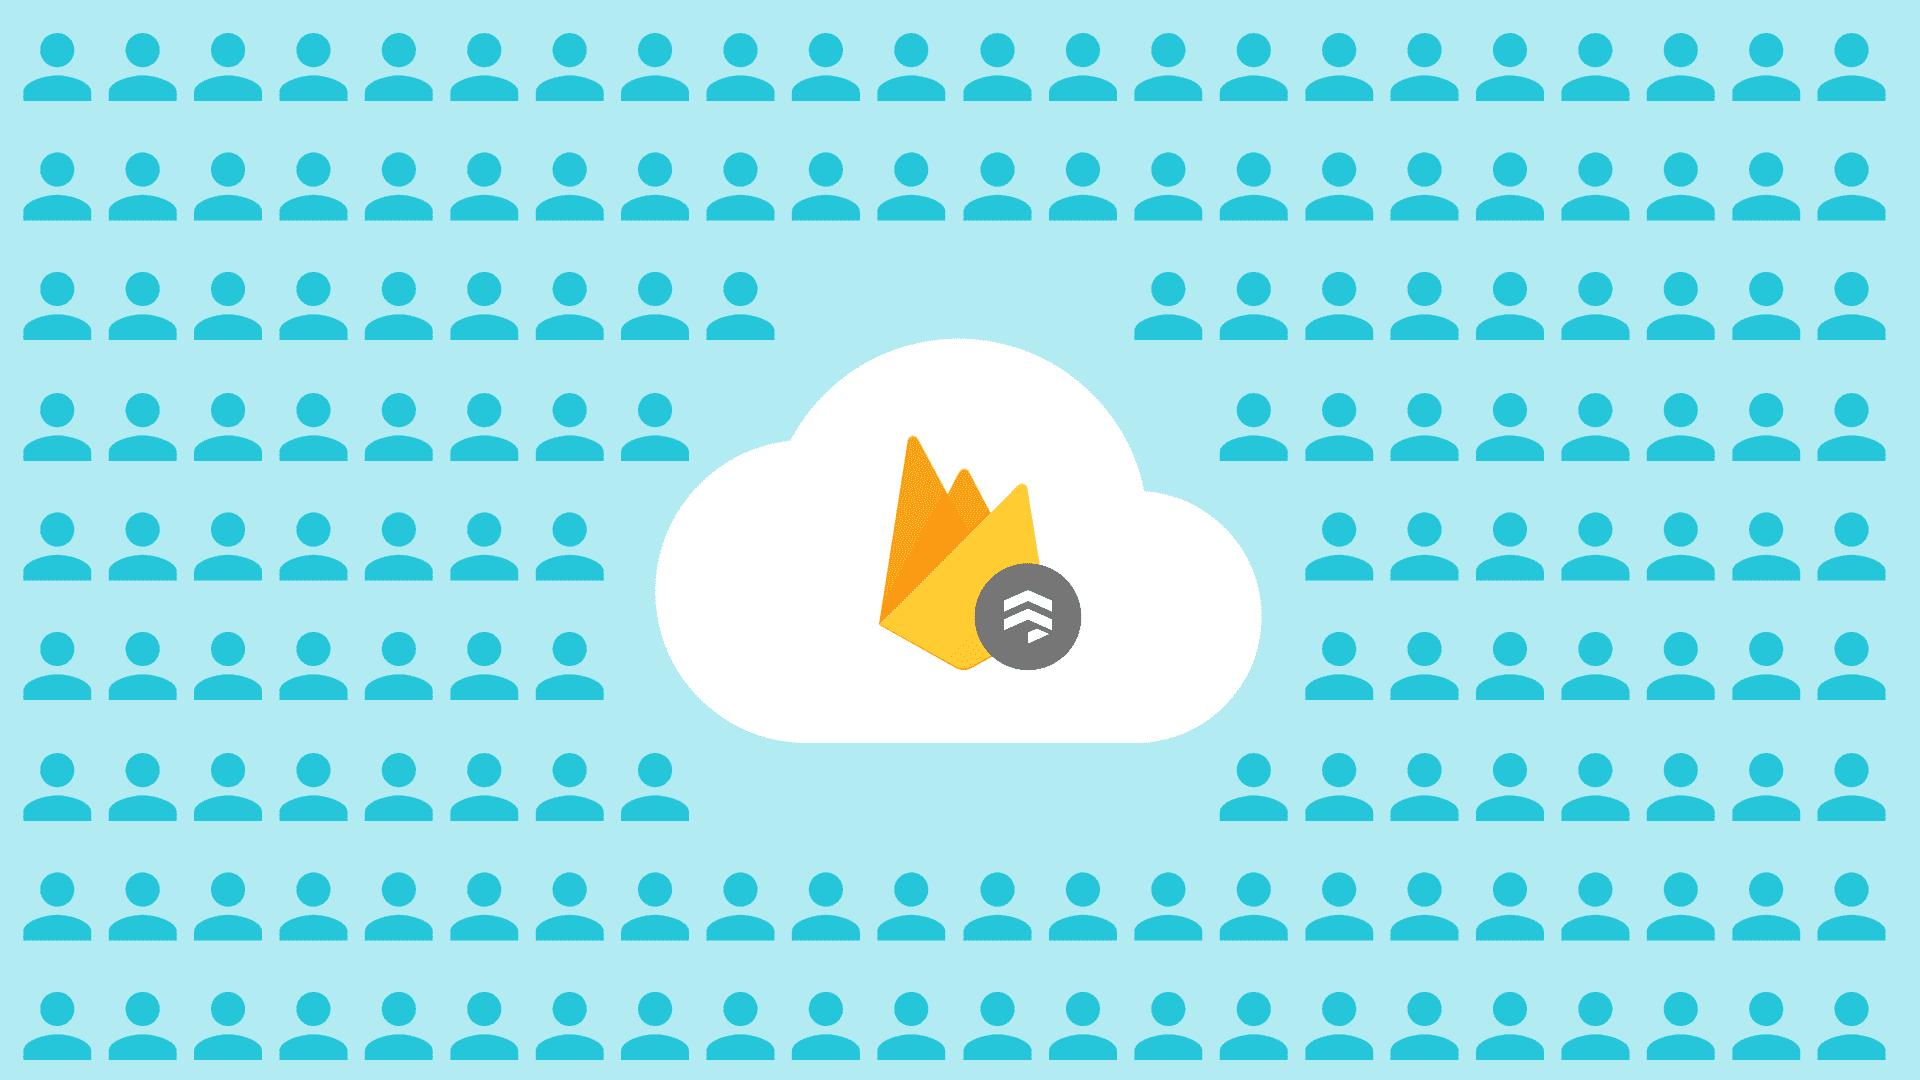 Иллюстрация логотипа firebase firestore и членов аудитории